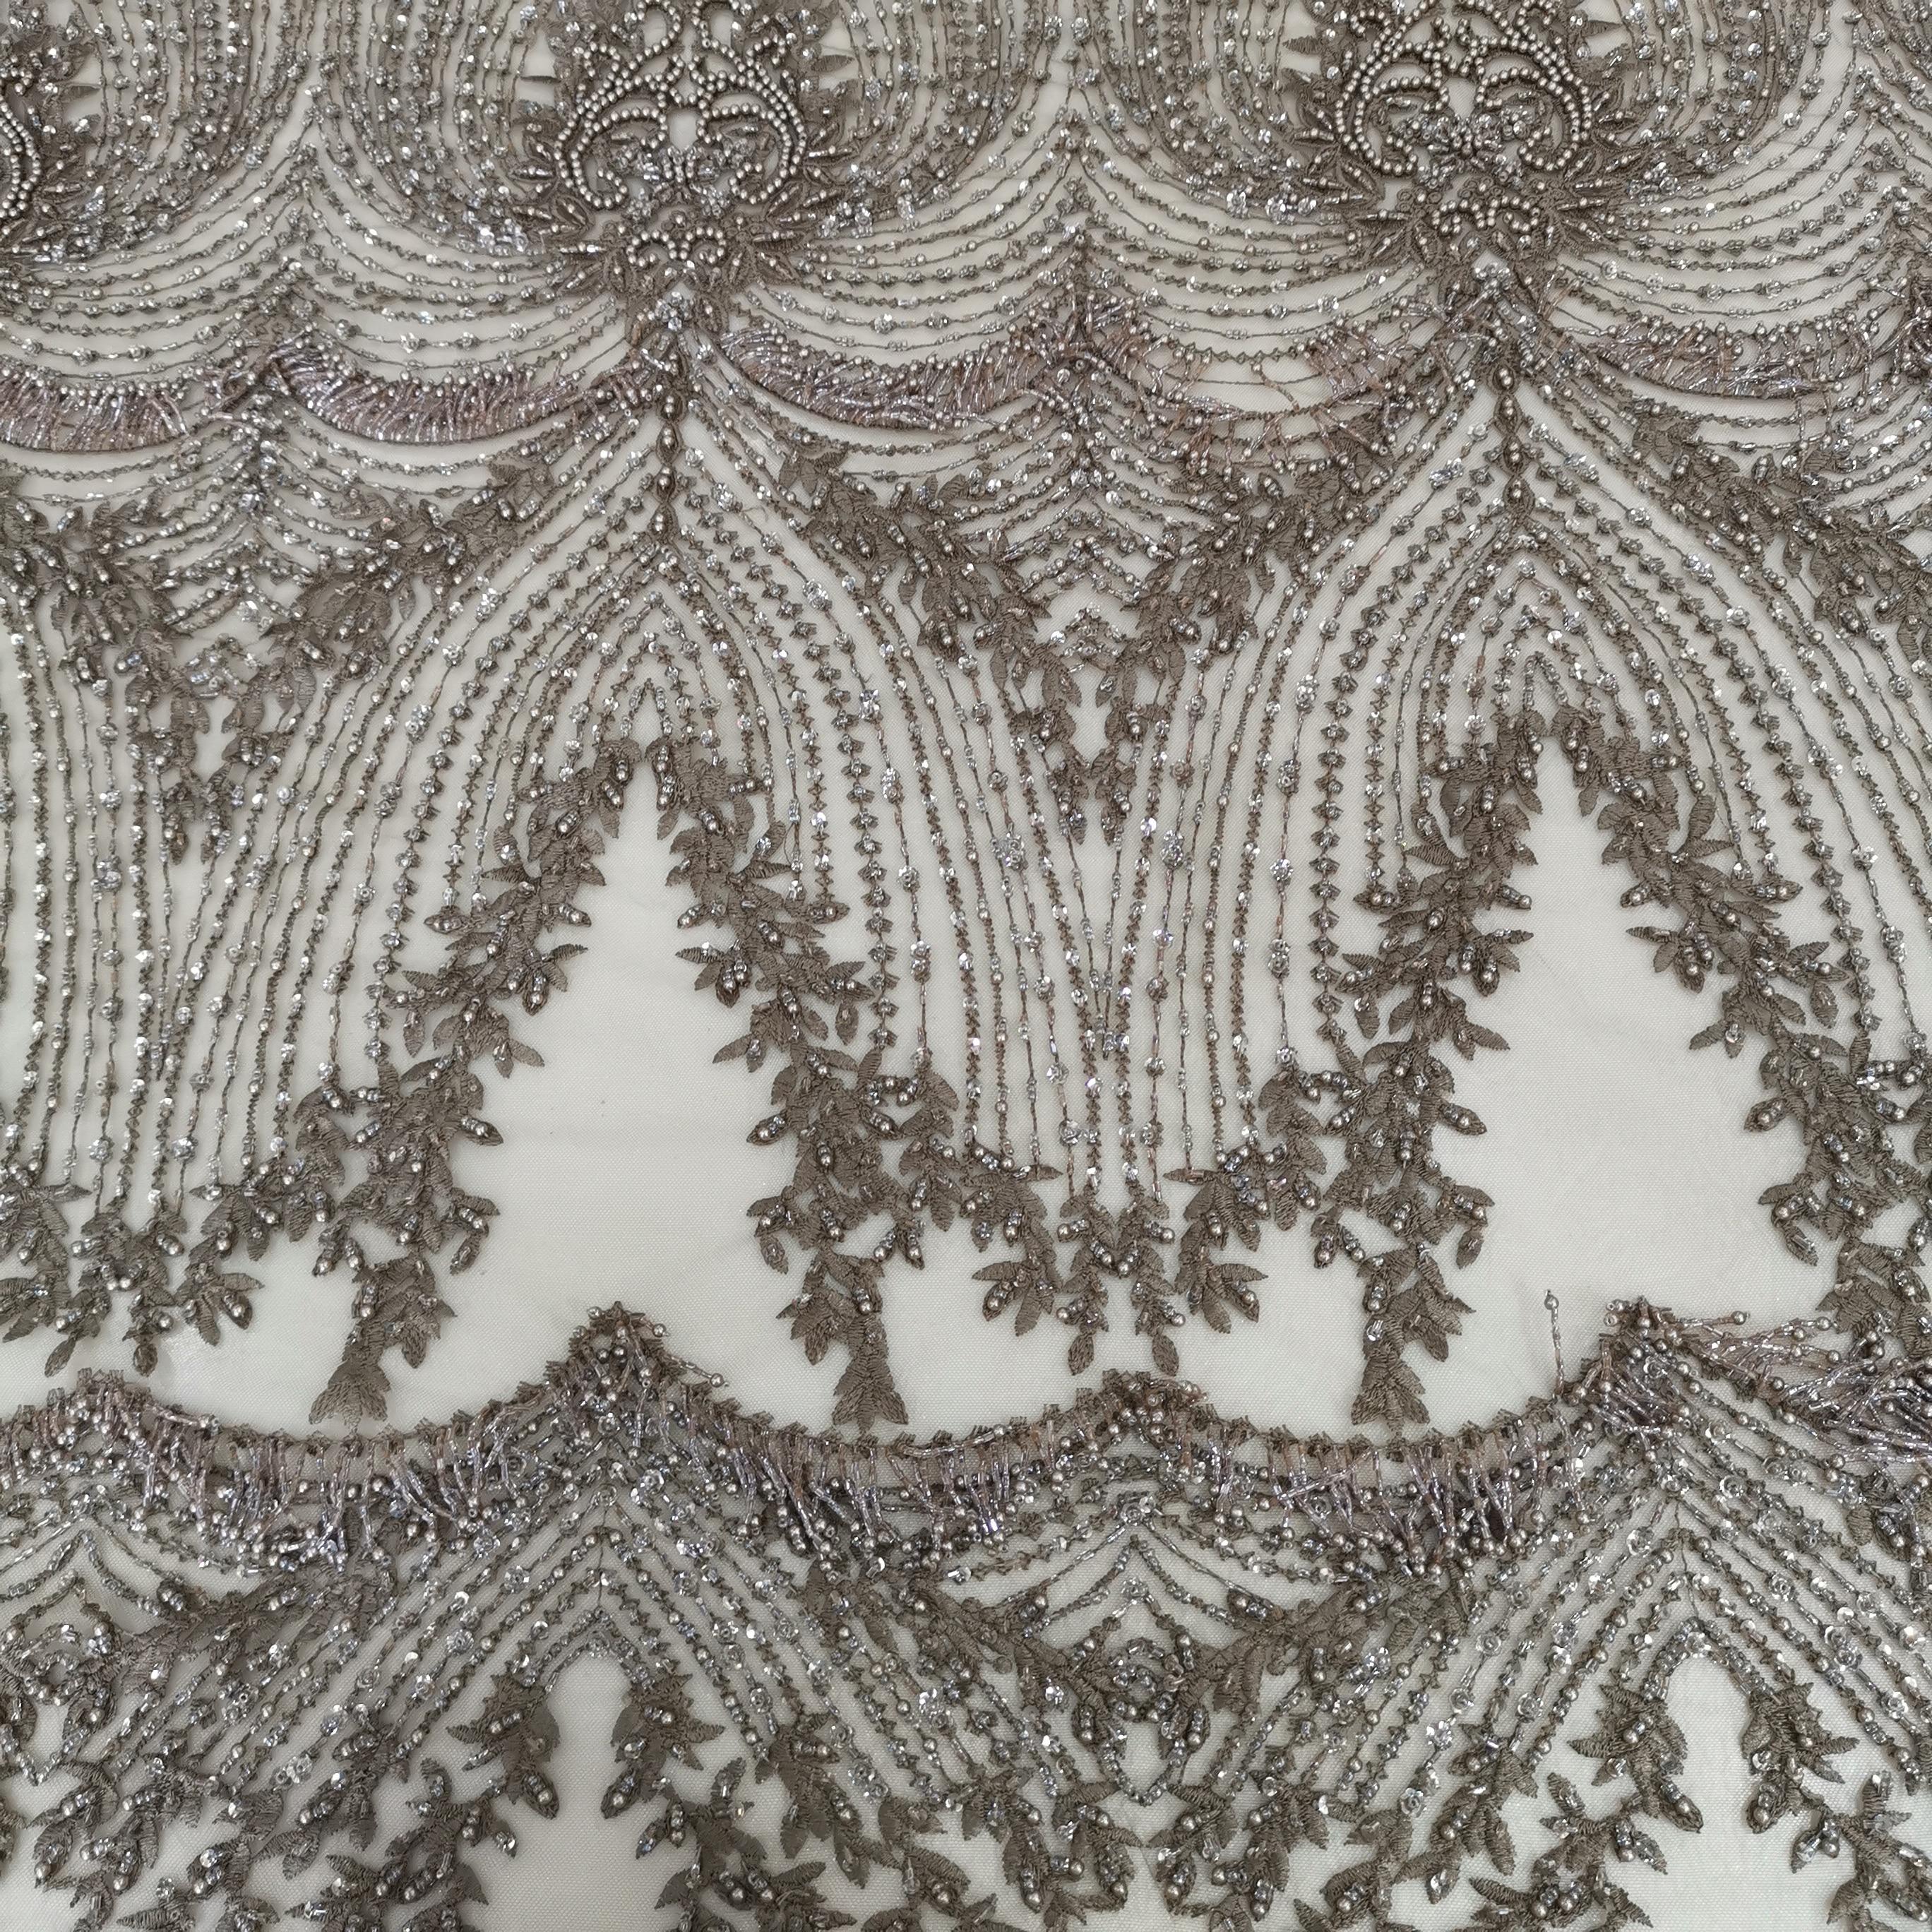 Prix de gros usine 5 yards kaki africain à la main perlé dentelle tissu 2019 nouvelle mode brodé, dentelle de haute qualité